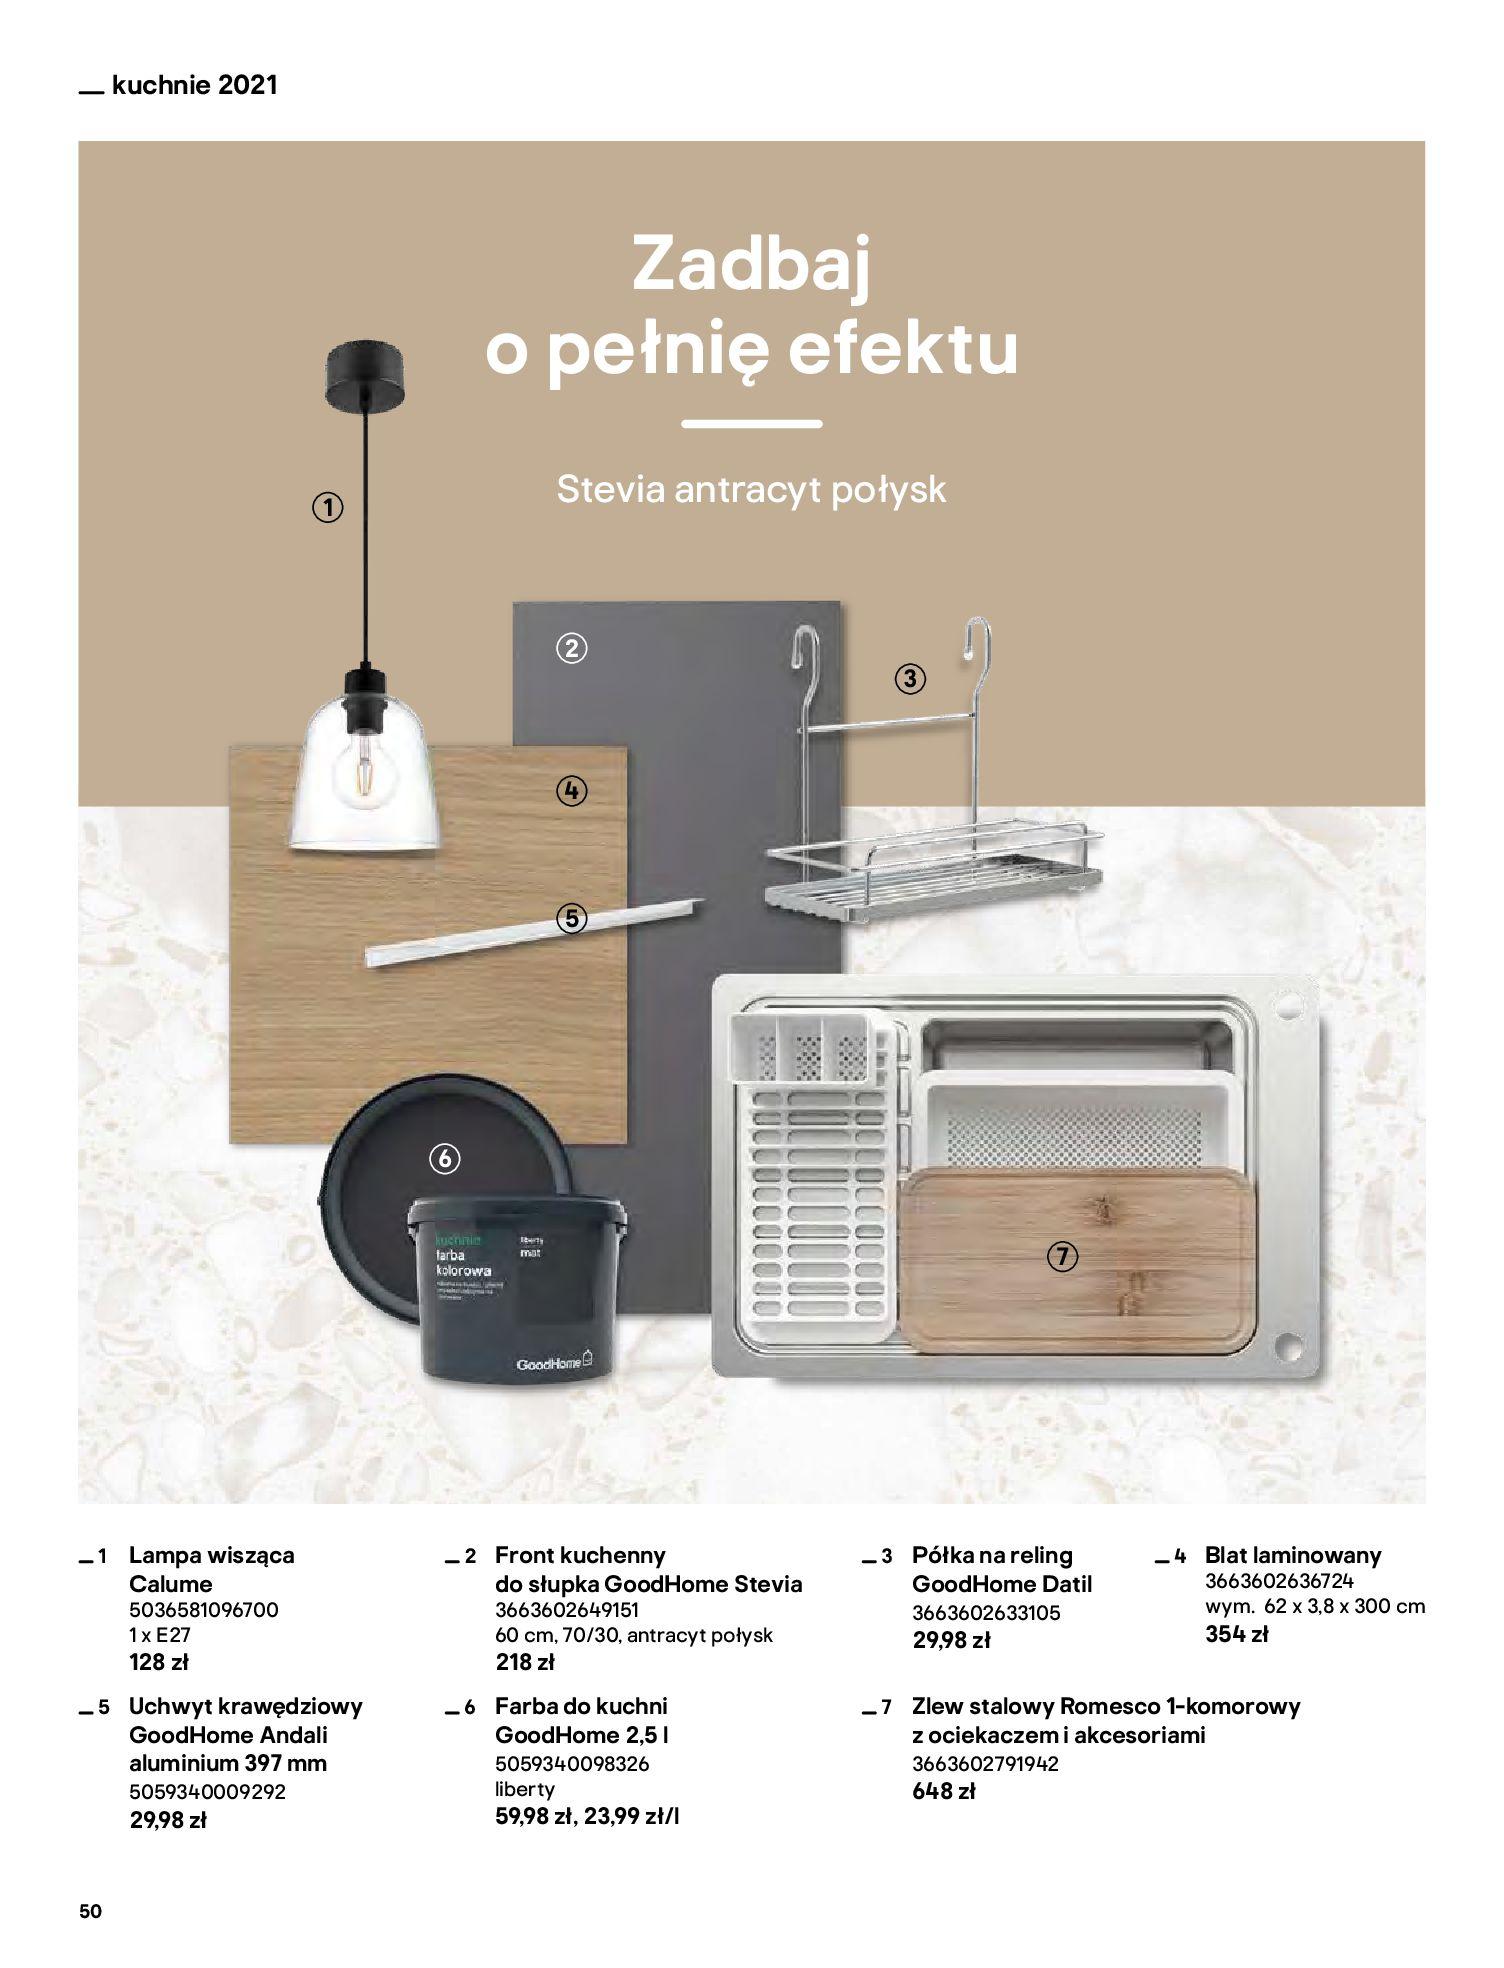 Gazetka Castorama: Katalog kuchnie 2021 2021-05-04 page-50